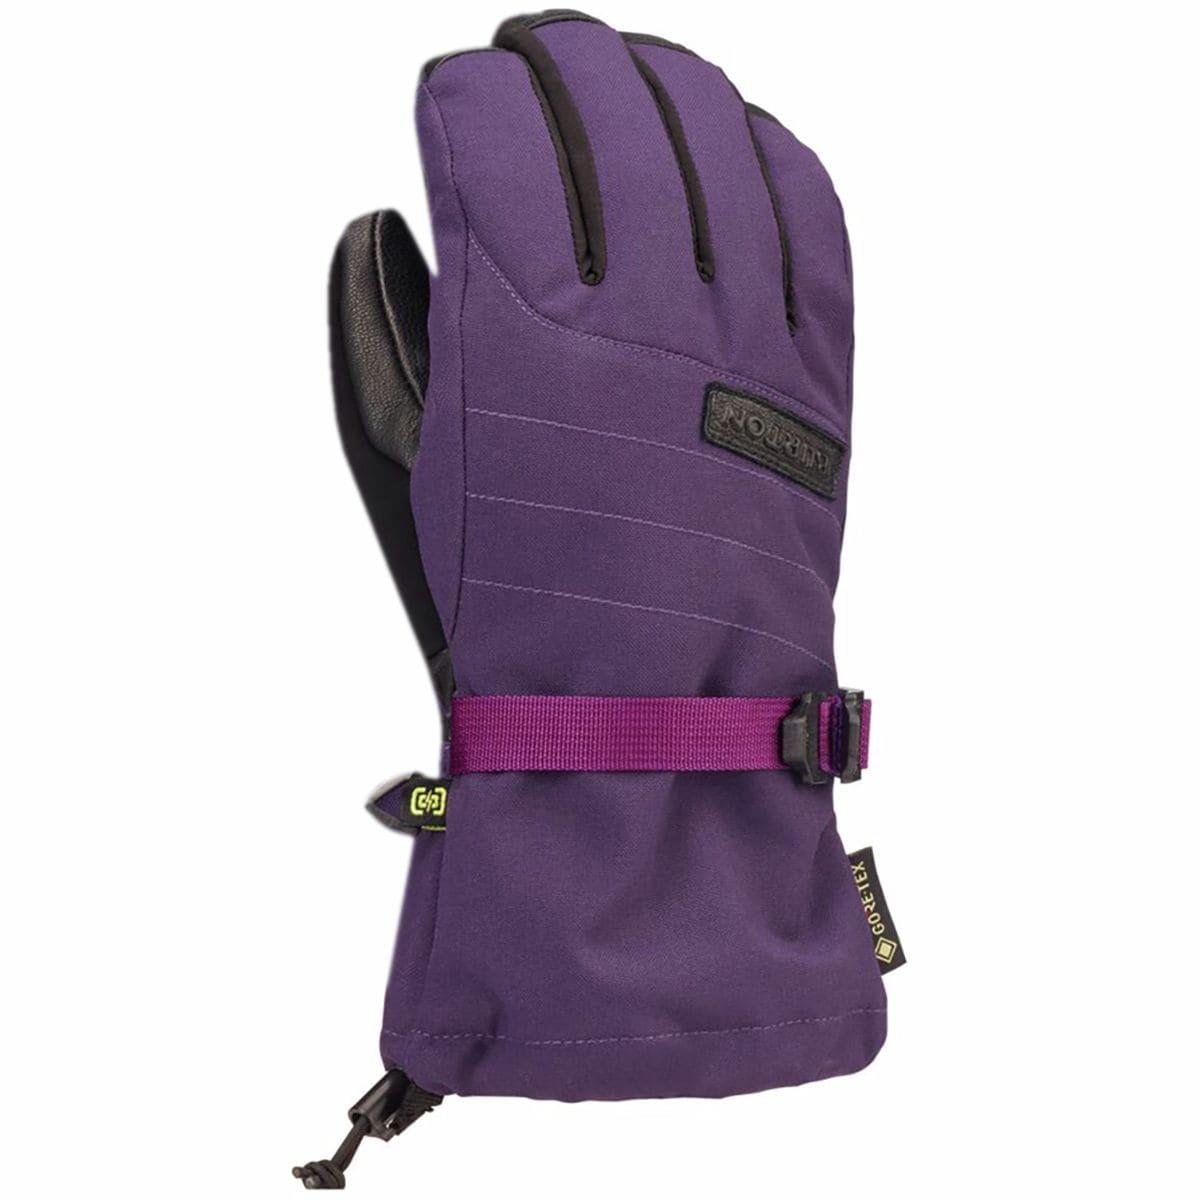 Deluxe GORE-TEX Glove - Women